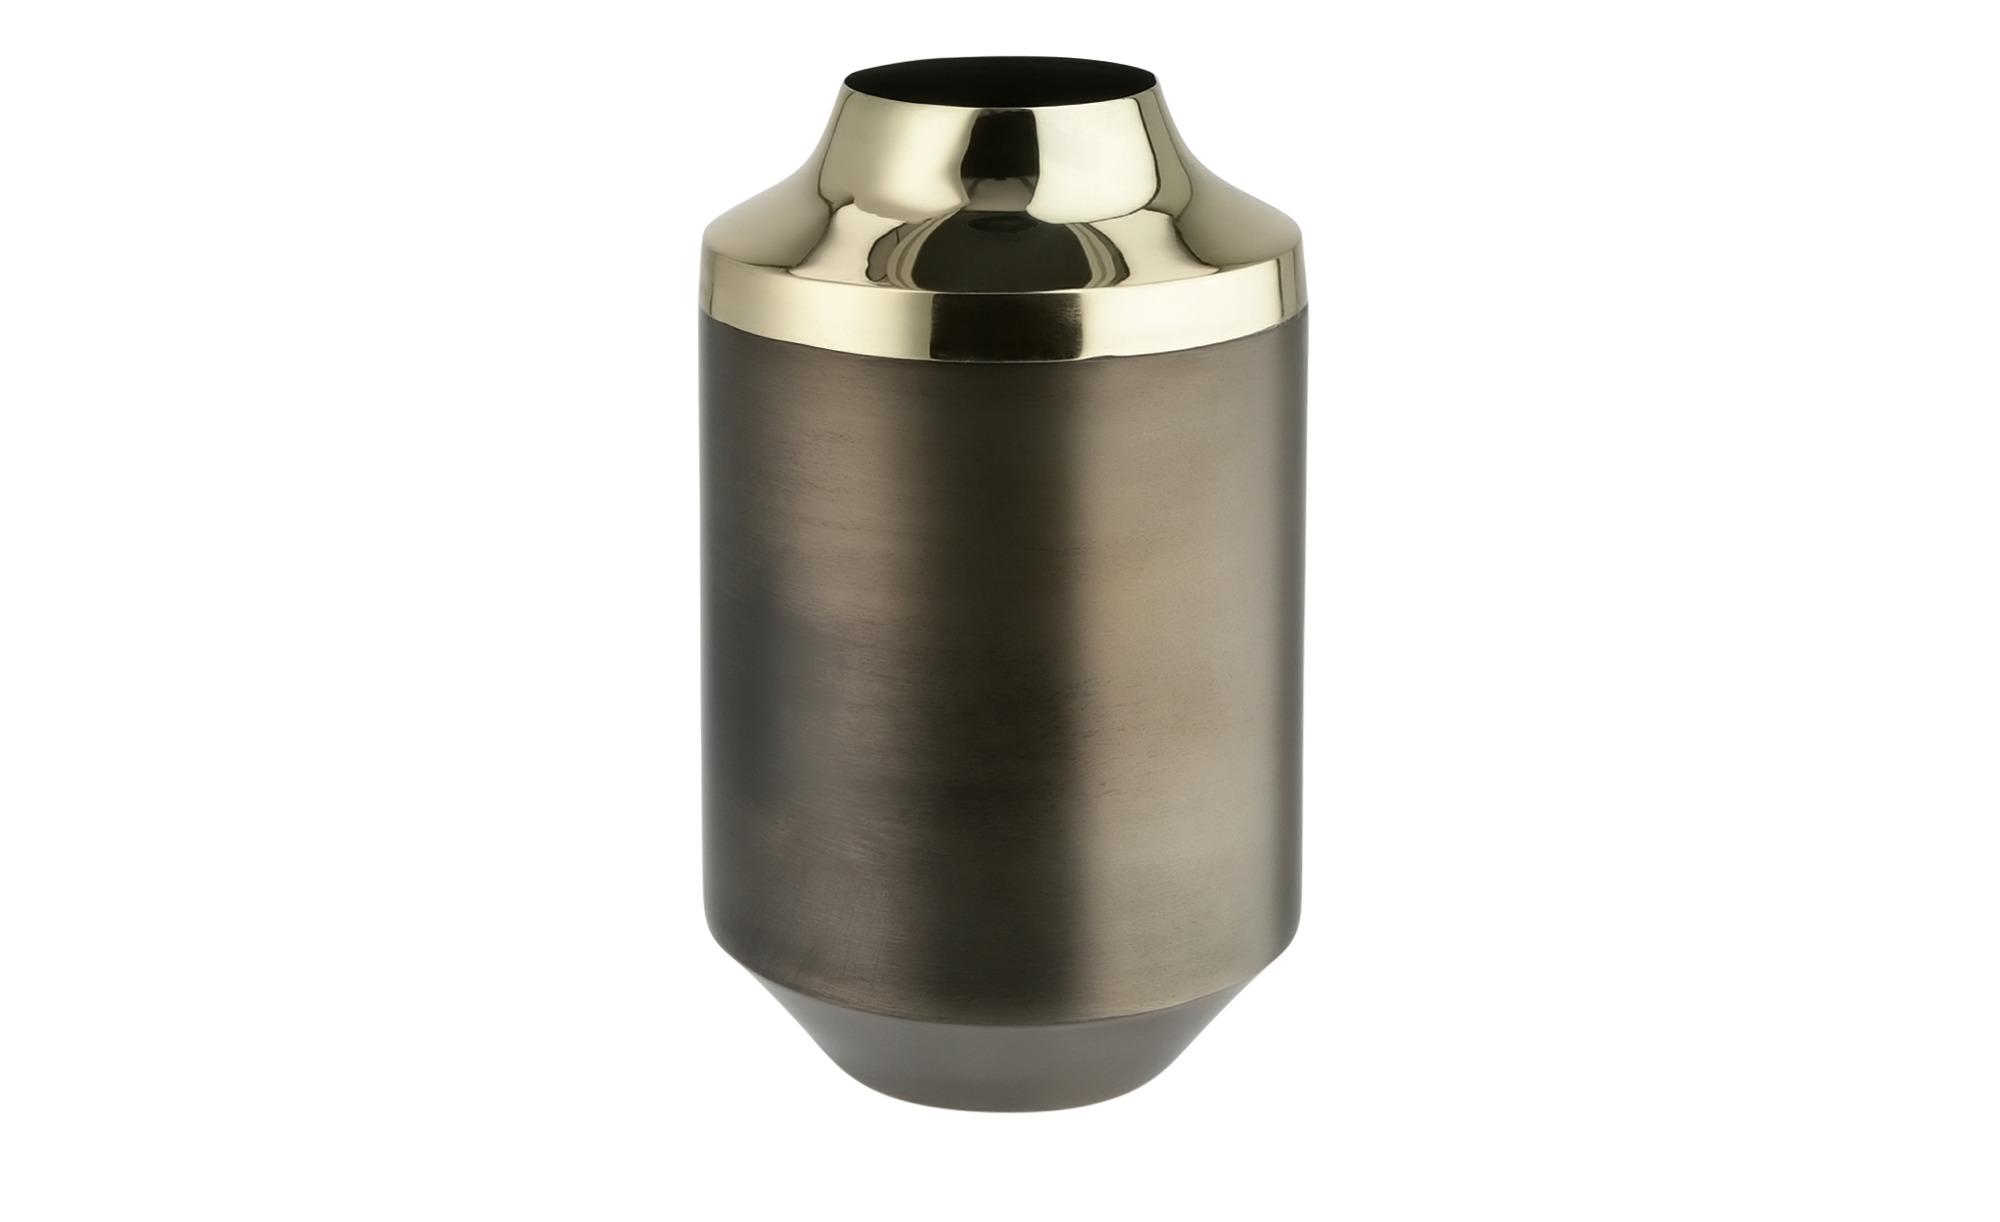 Vase ¦ braun ¦ Metall, StahlØ: 11 Dekoration > Vasen - Höffner günstig online kaufen